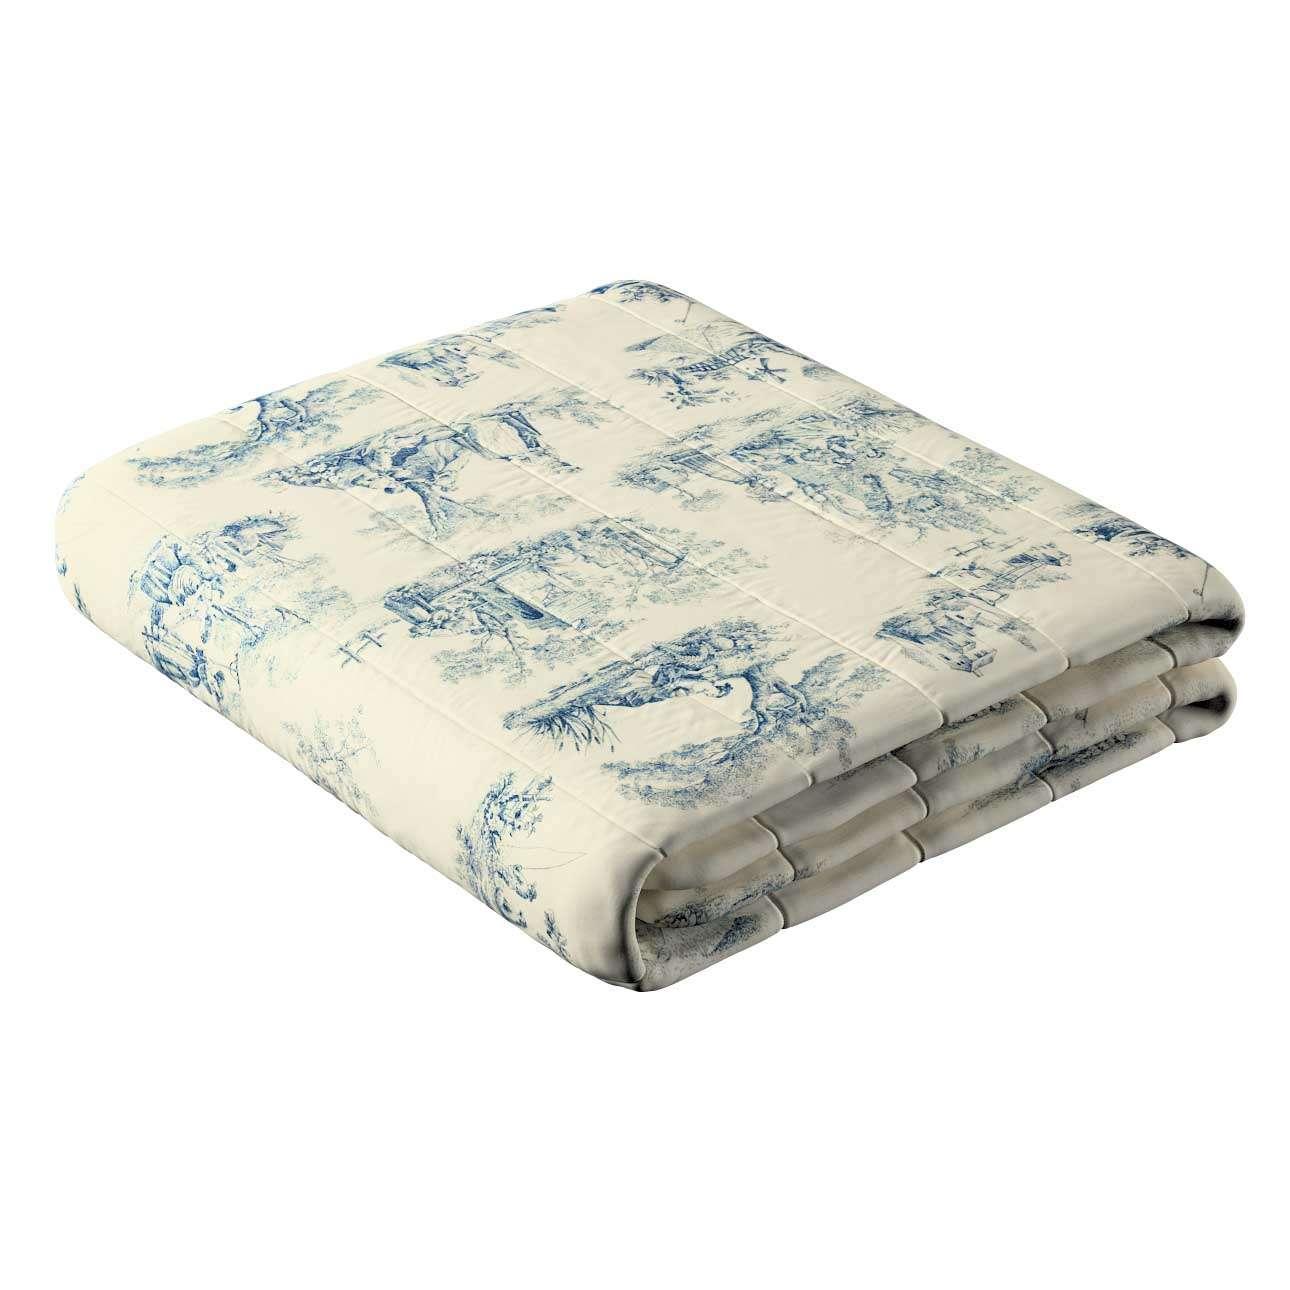 Prehoz na posteľ jednoduchý V kolekcii Avinon, tkanina: 132-66